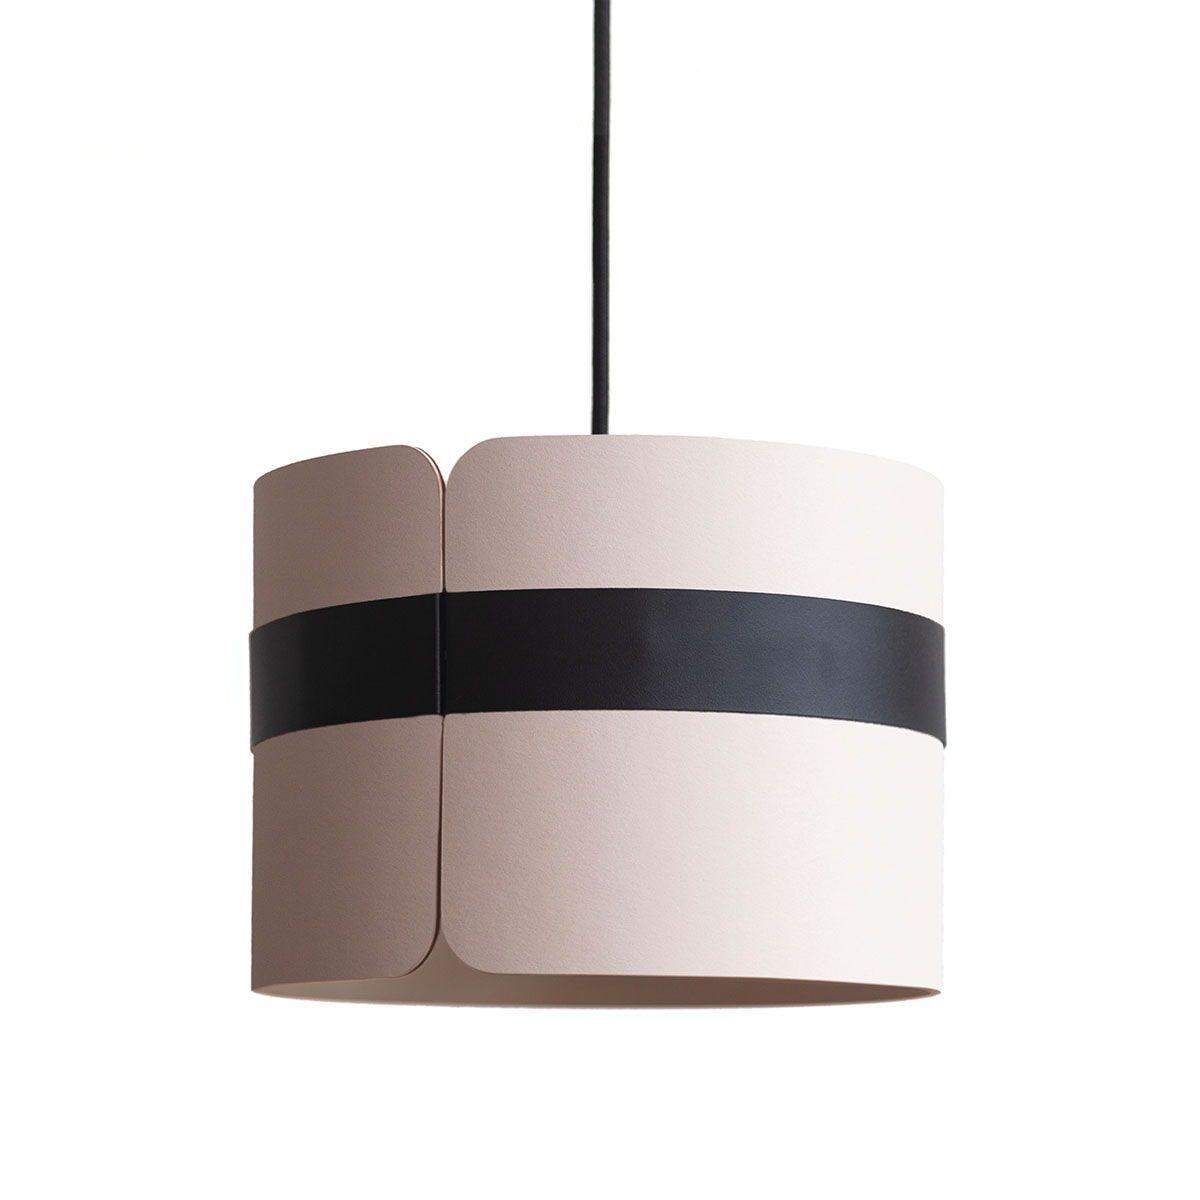 Malda hanglamp